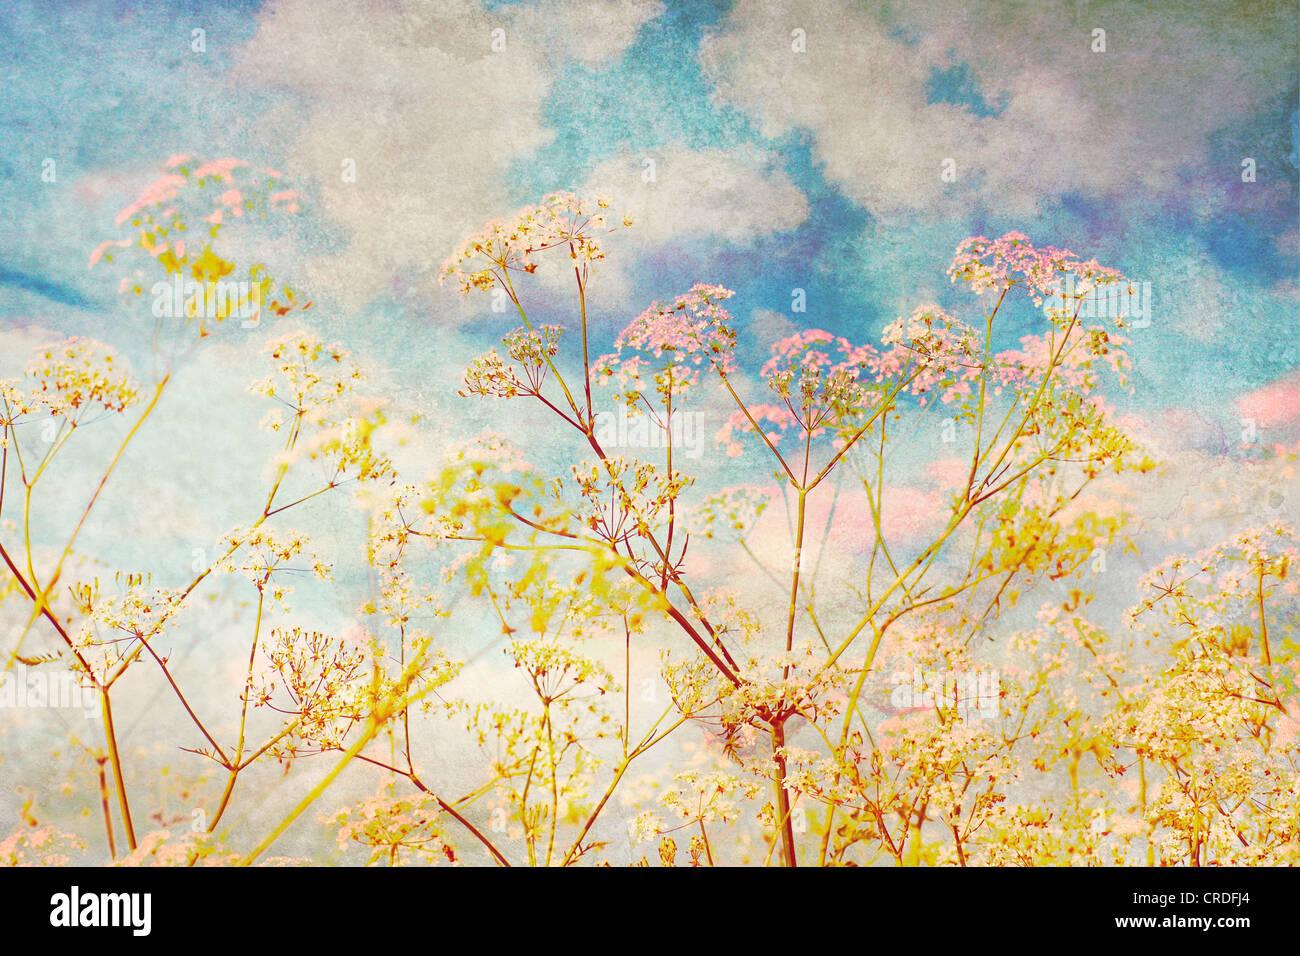 Fiori di campo bianco e azzurro cielo, artistico sfondo grunge Immagini Stock